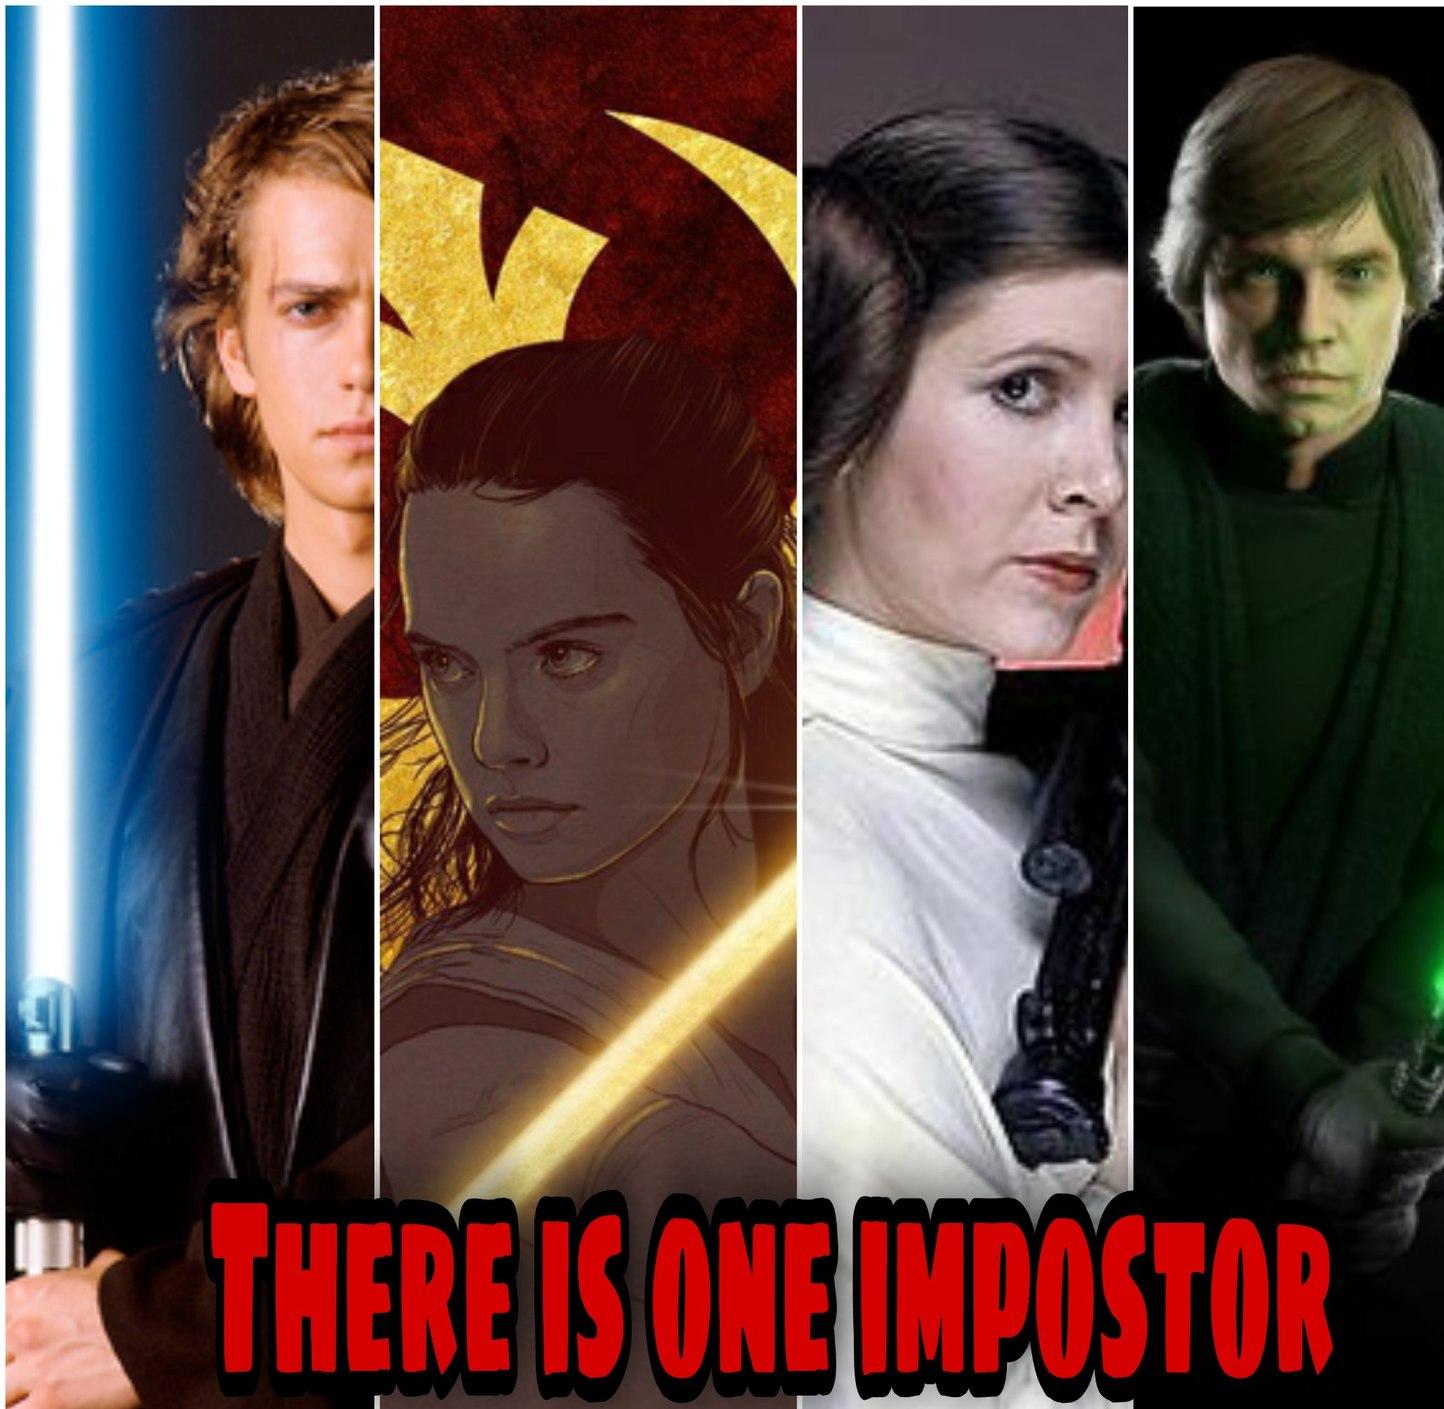 Among us Star wars edition - meme